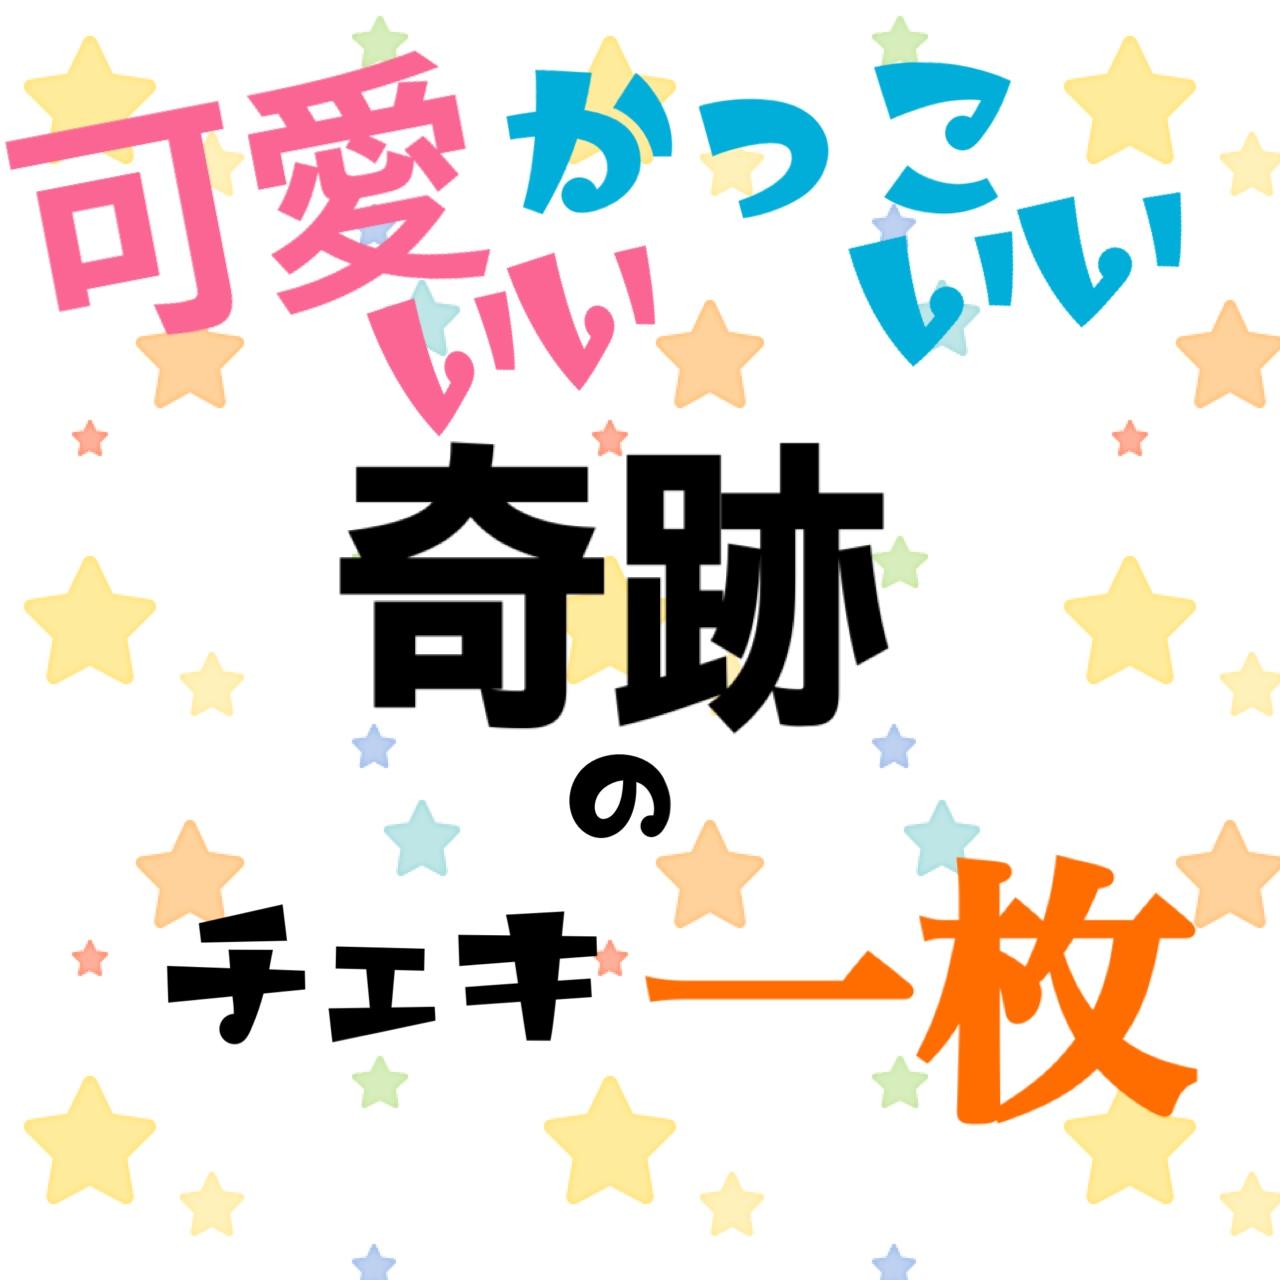 【劇場】2月27日16:00〜可愛い!カッコイイ!奇跡のチェキ